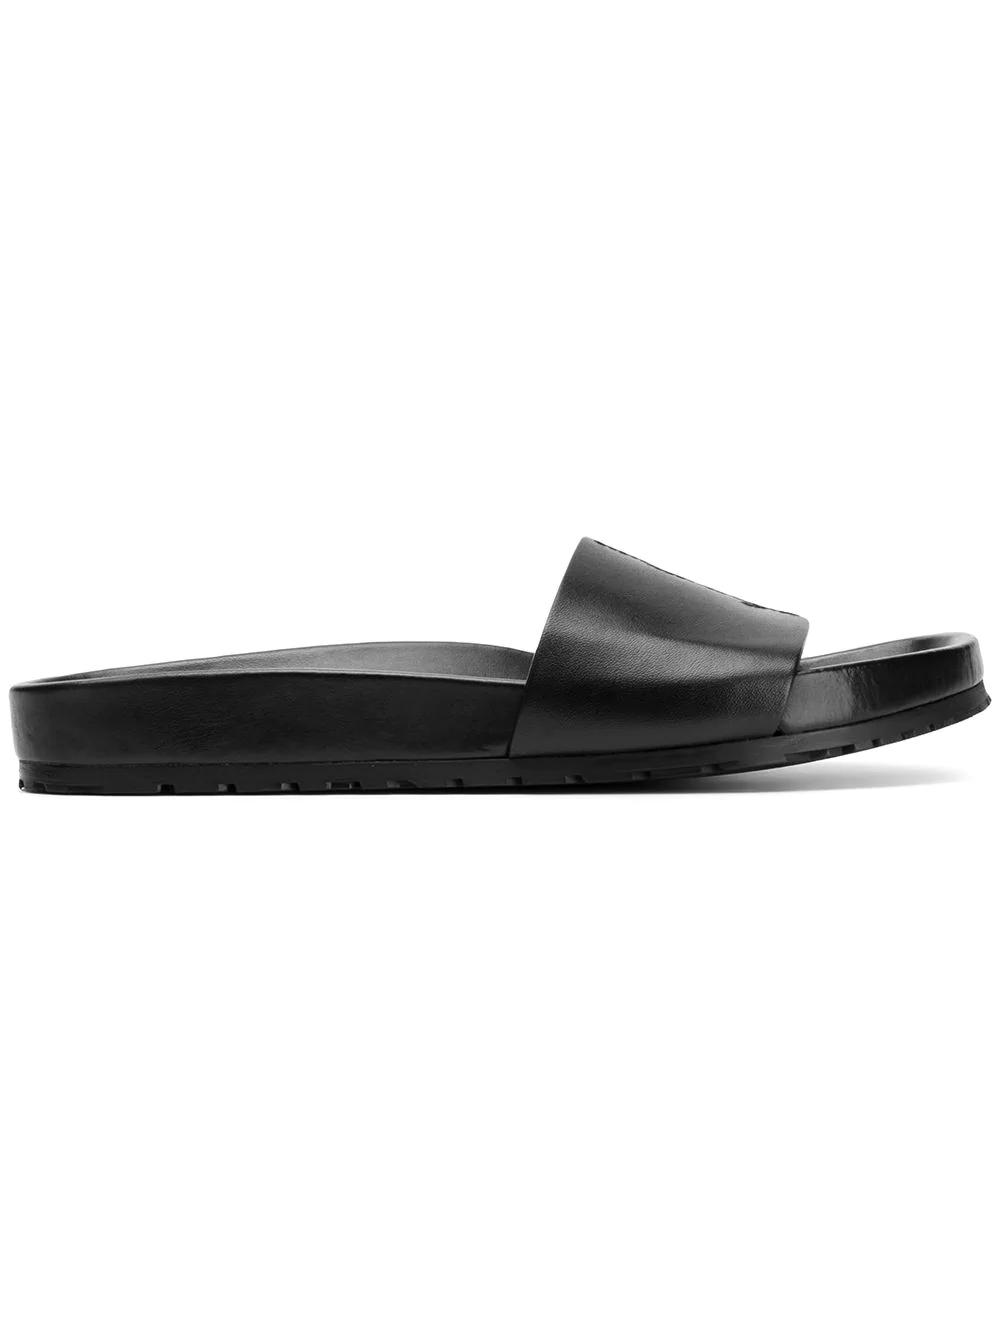 37e5f548e Saint Laurent Jimmy Logo Slide Sandal In Black